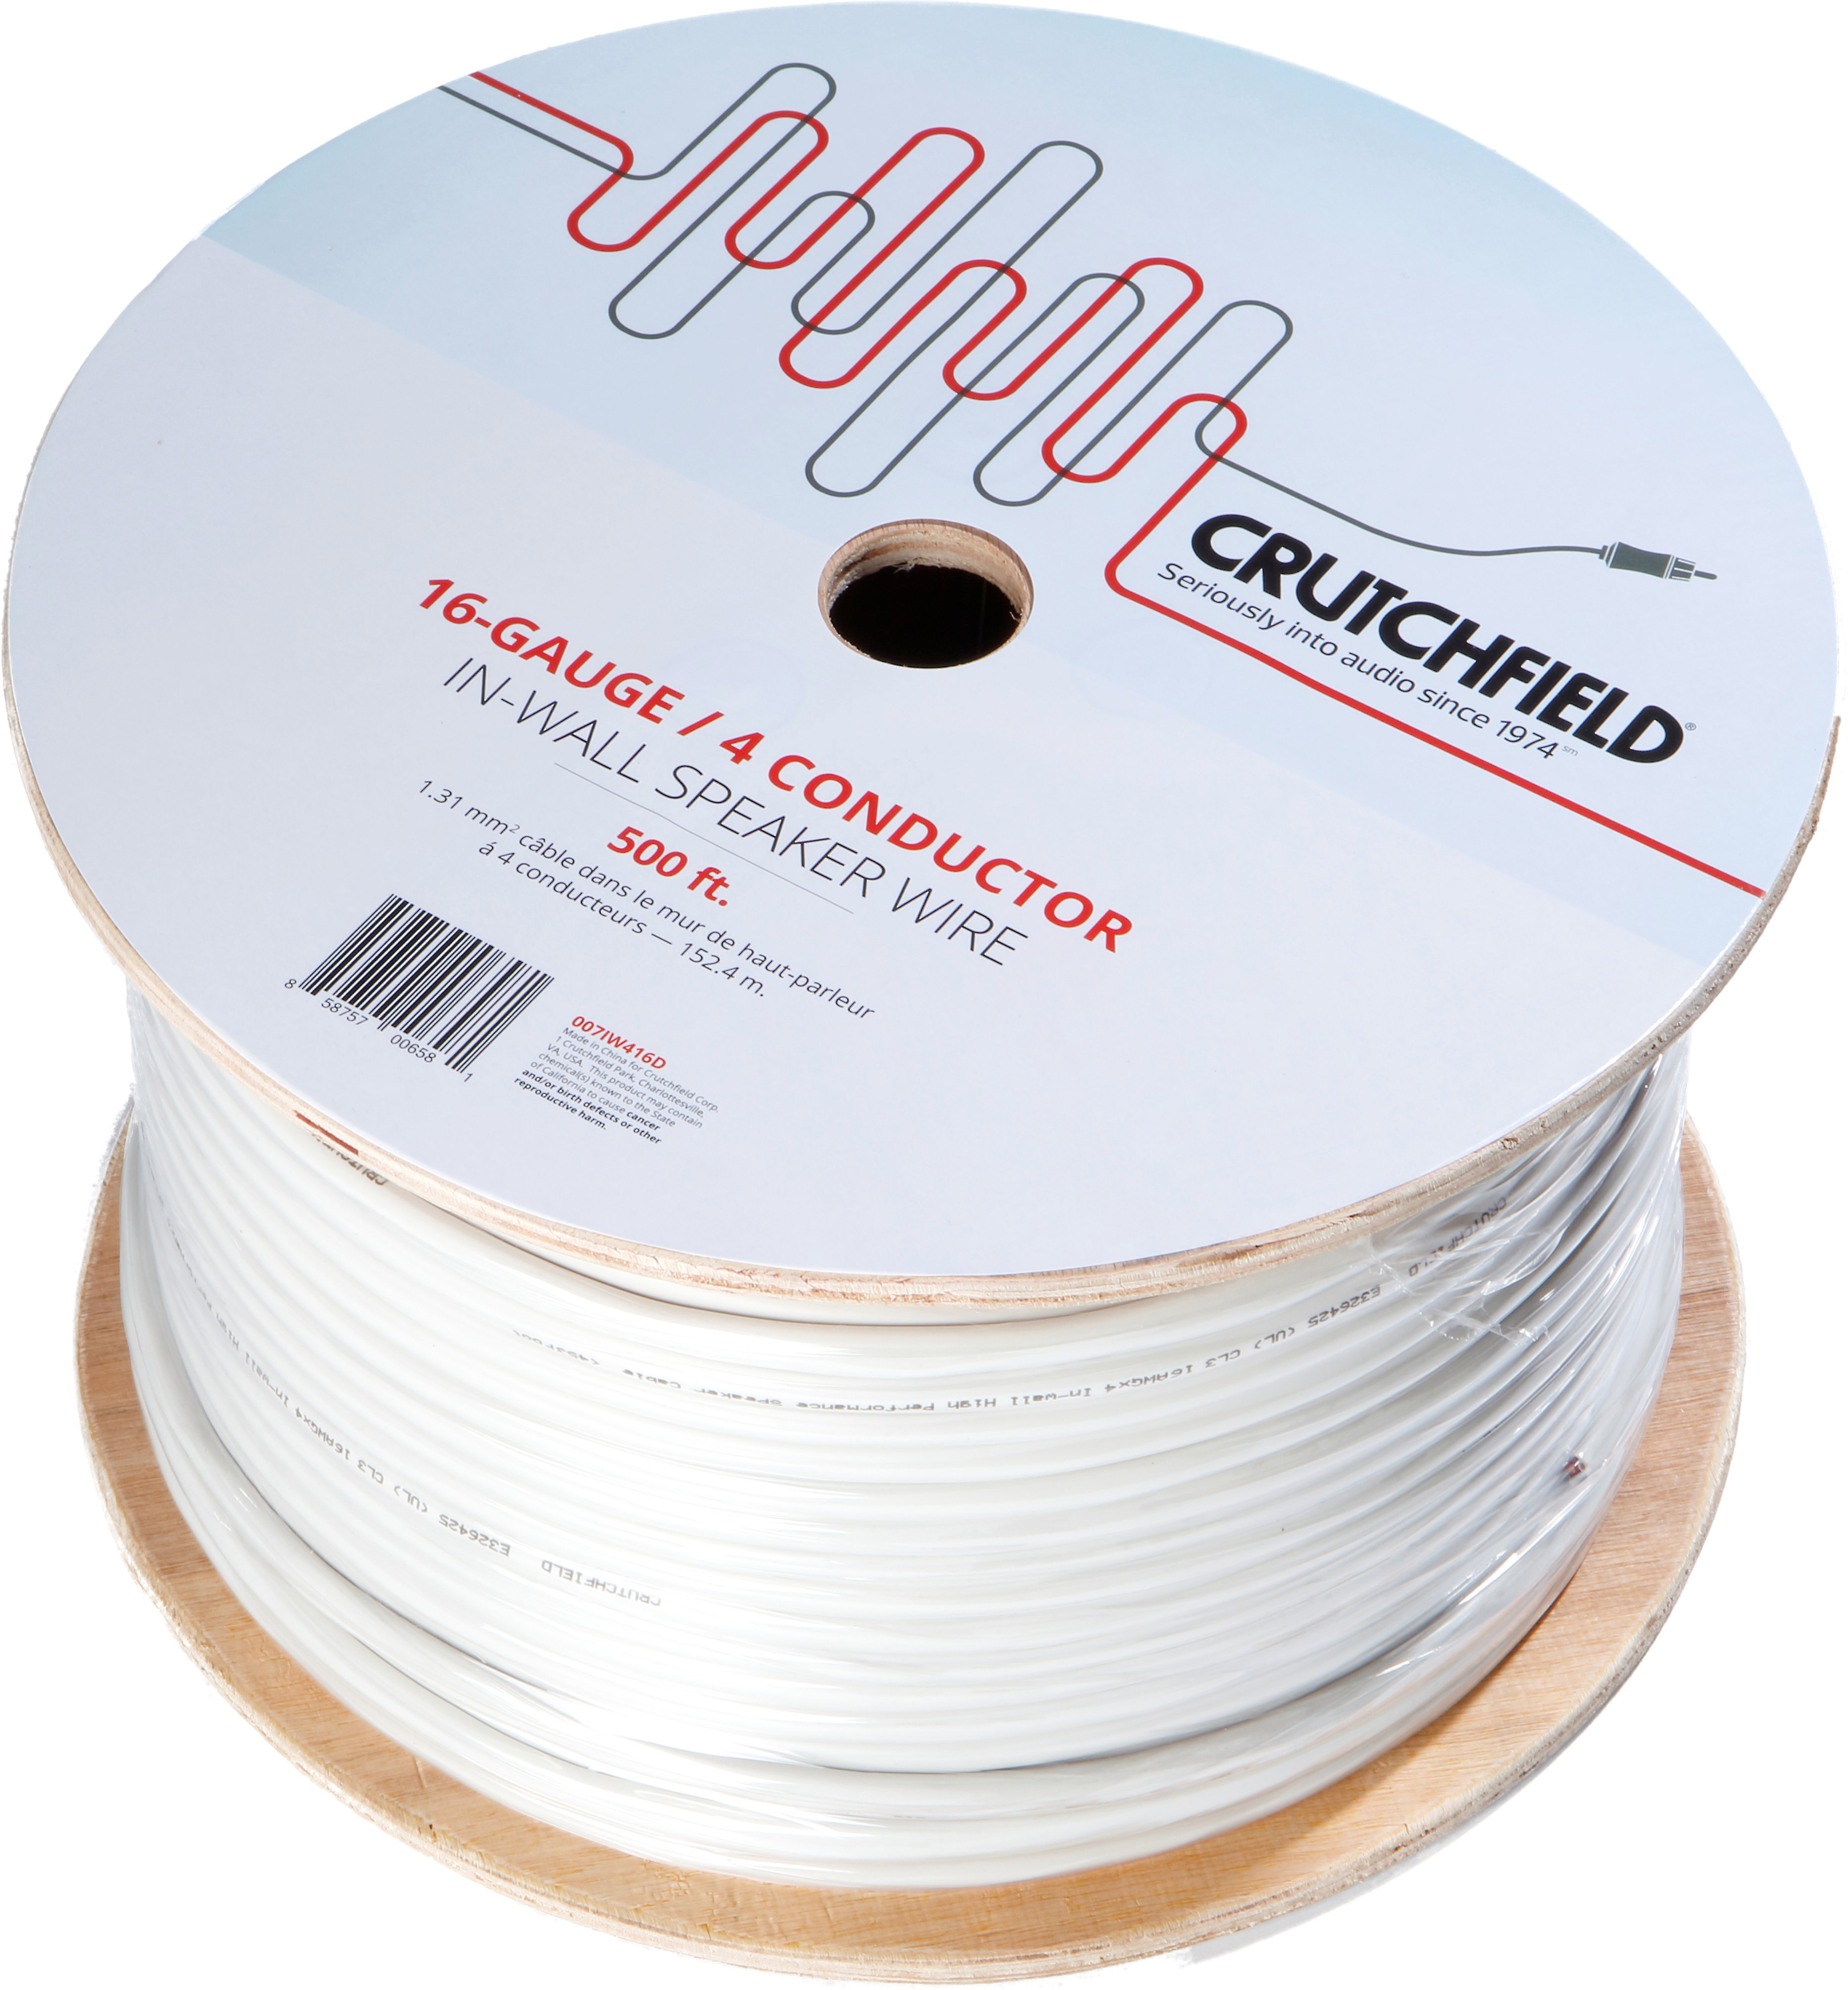 Speaker Wire Gauge >> Crutchfield In Wall Speaker Wire 500 Ft Roll 16 Gauge 4 Conductor Wire At Crutchfield